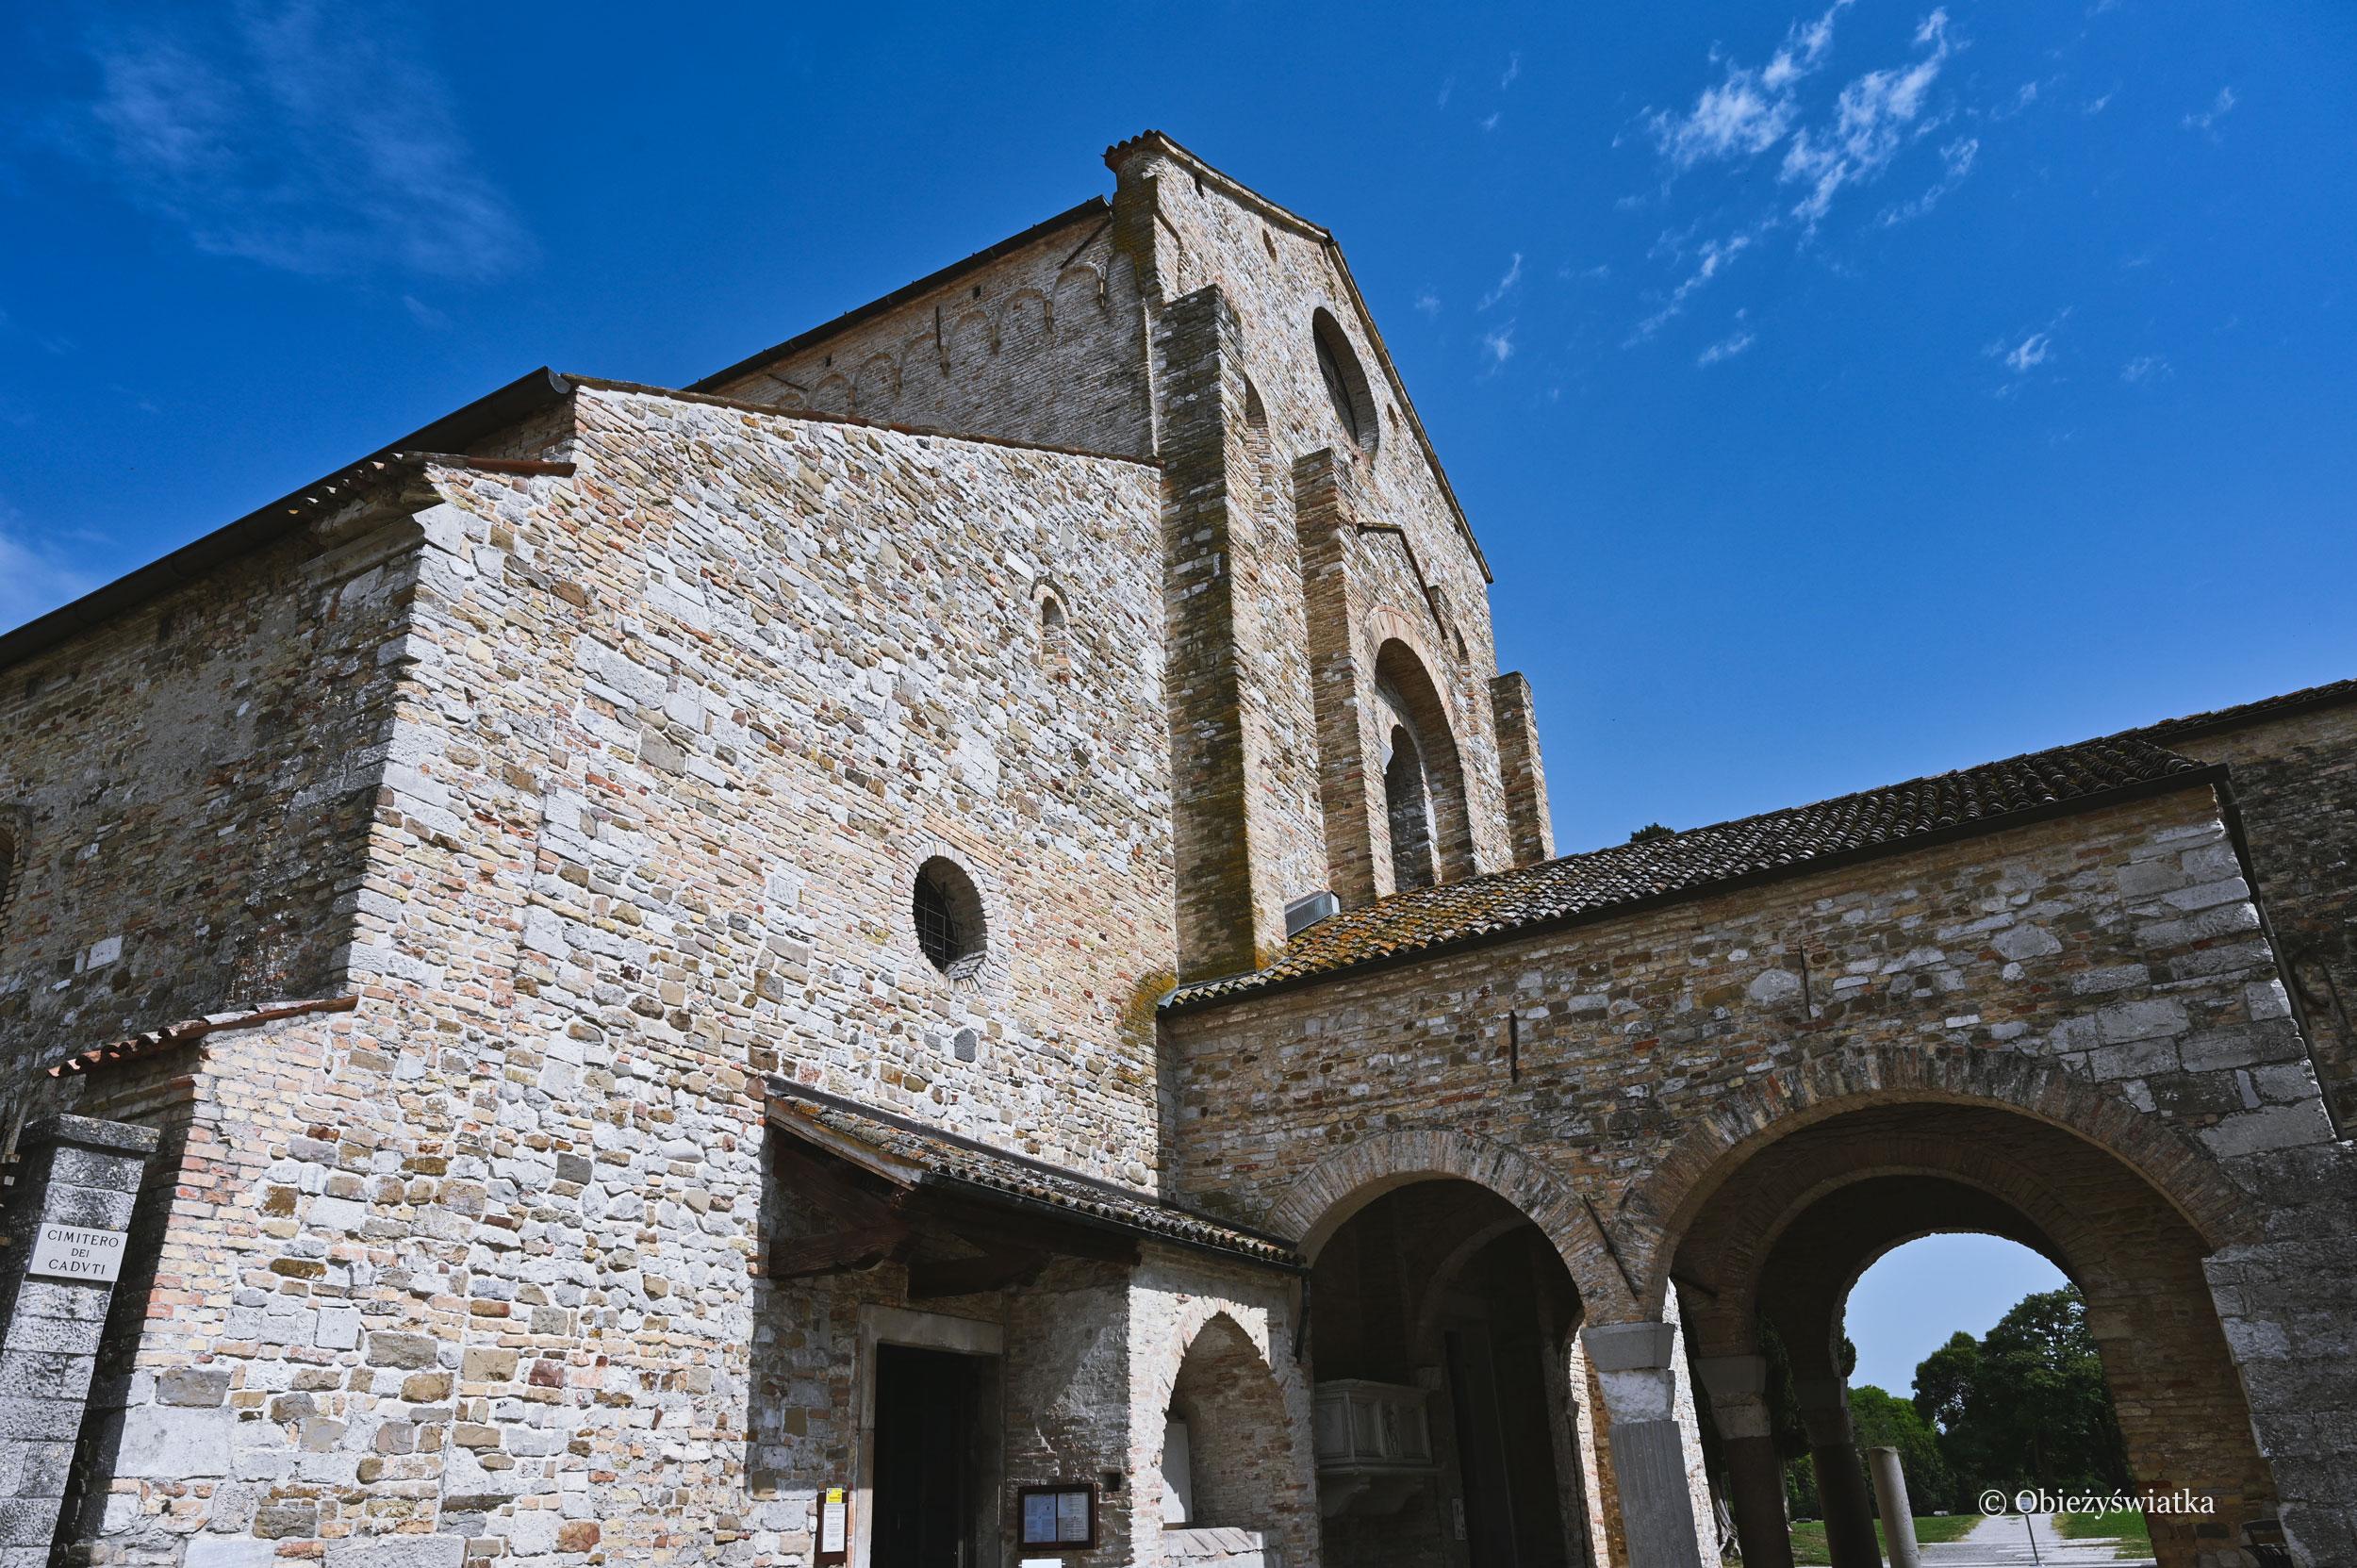 Widok z zewnątrz - Bazylika w Akwilei, Włochy